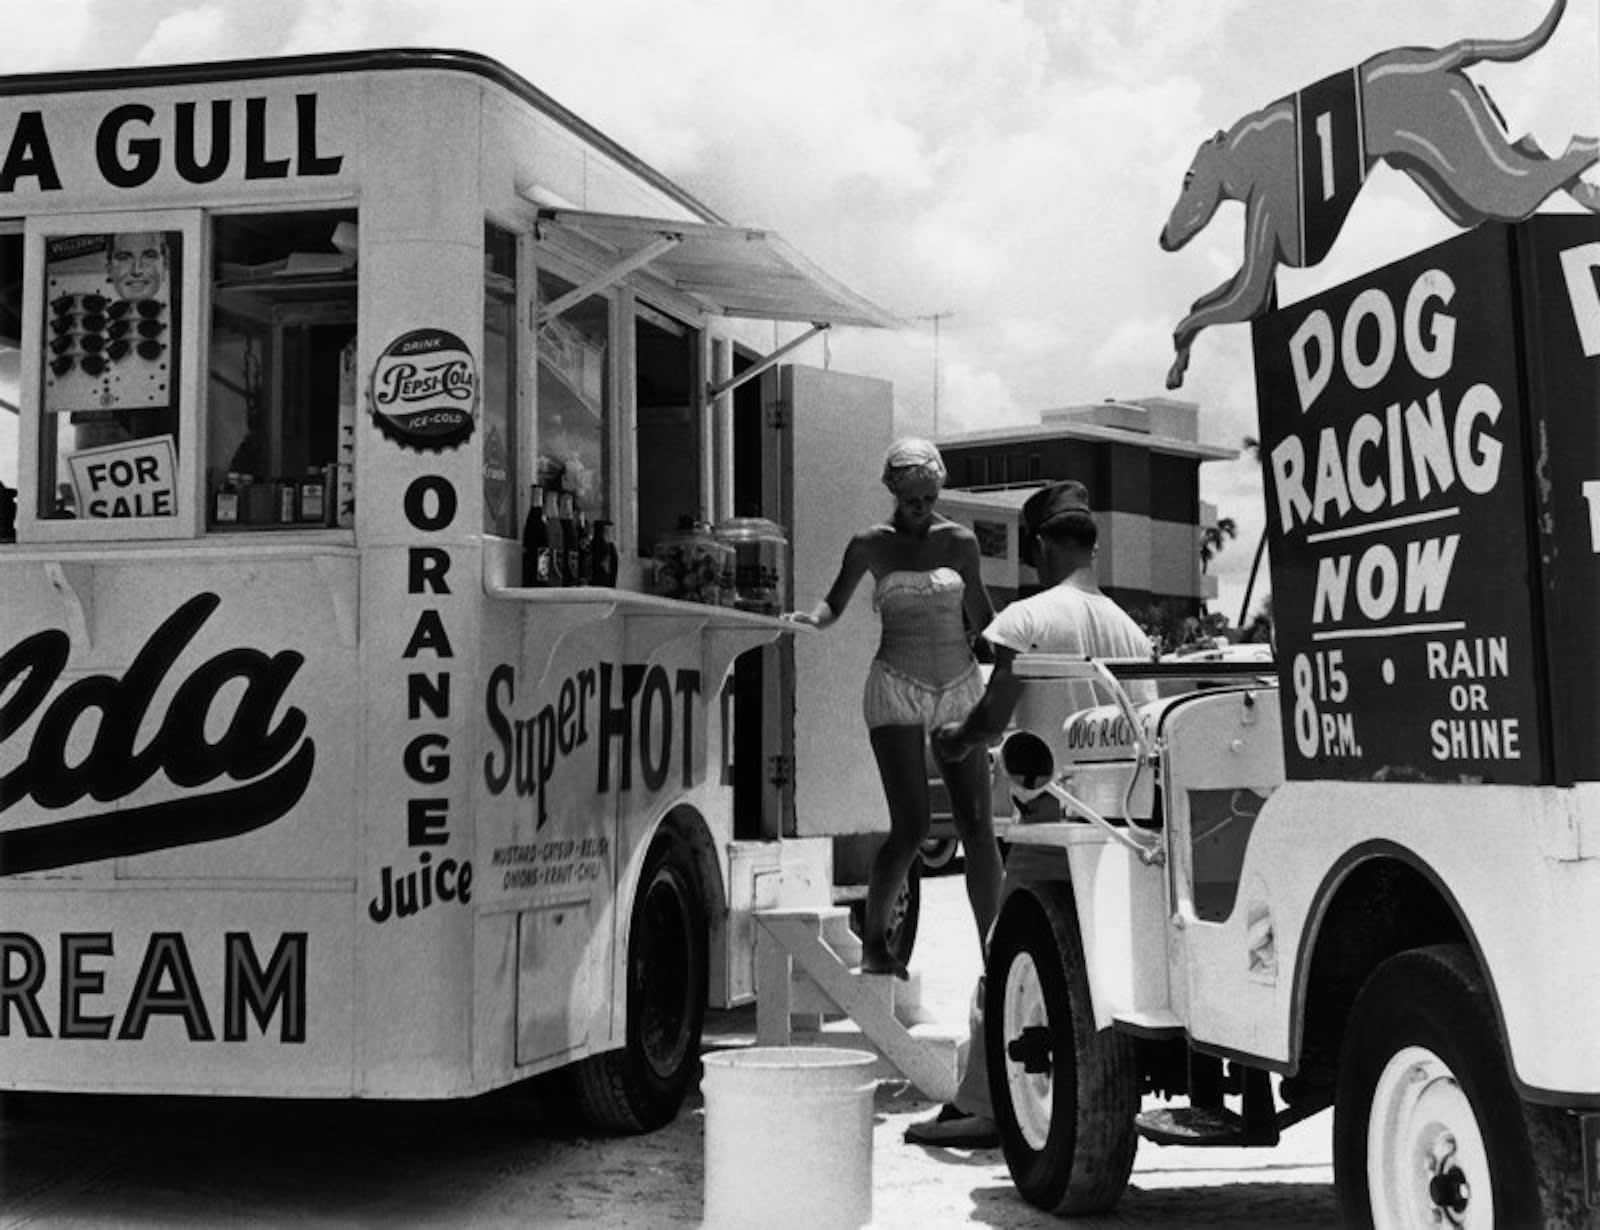 Berenice Abbott, Super Hot Refreshment Stand, Florida, c. 1954